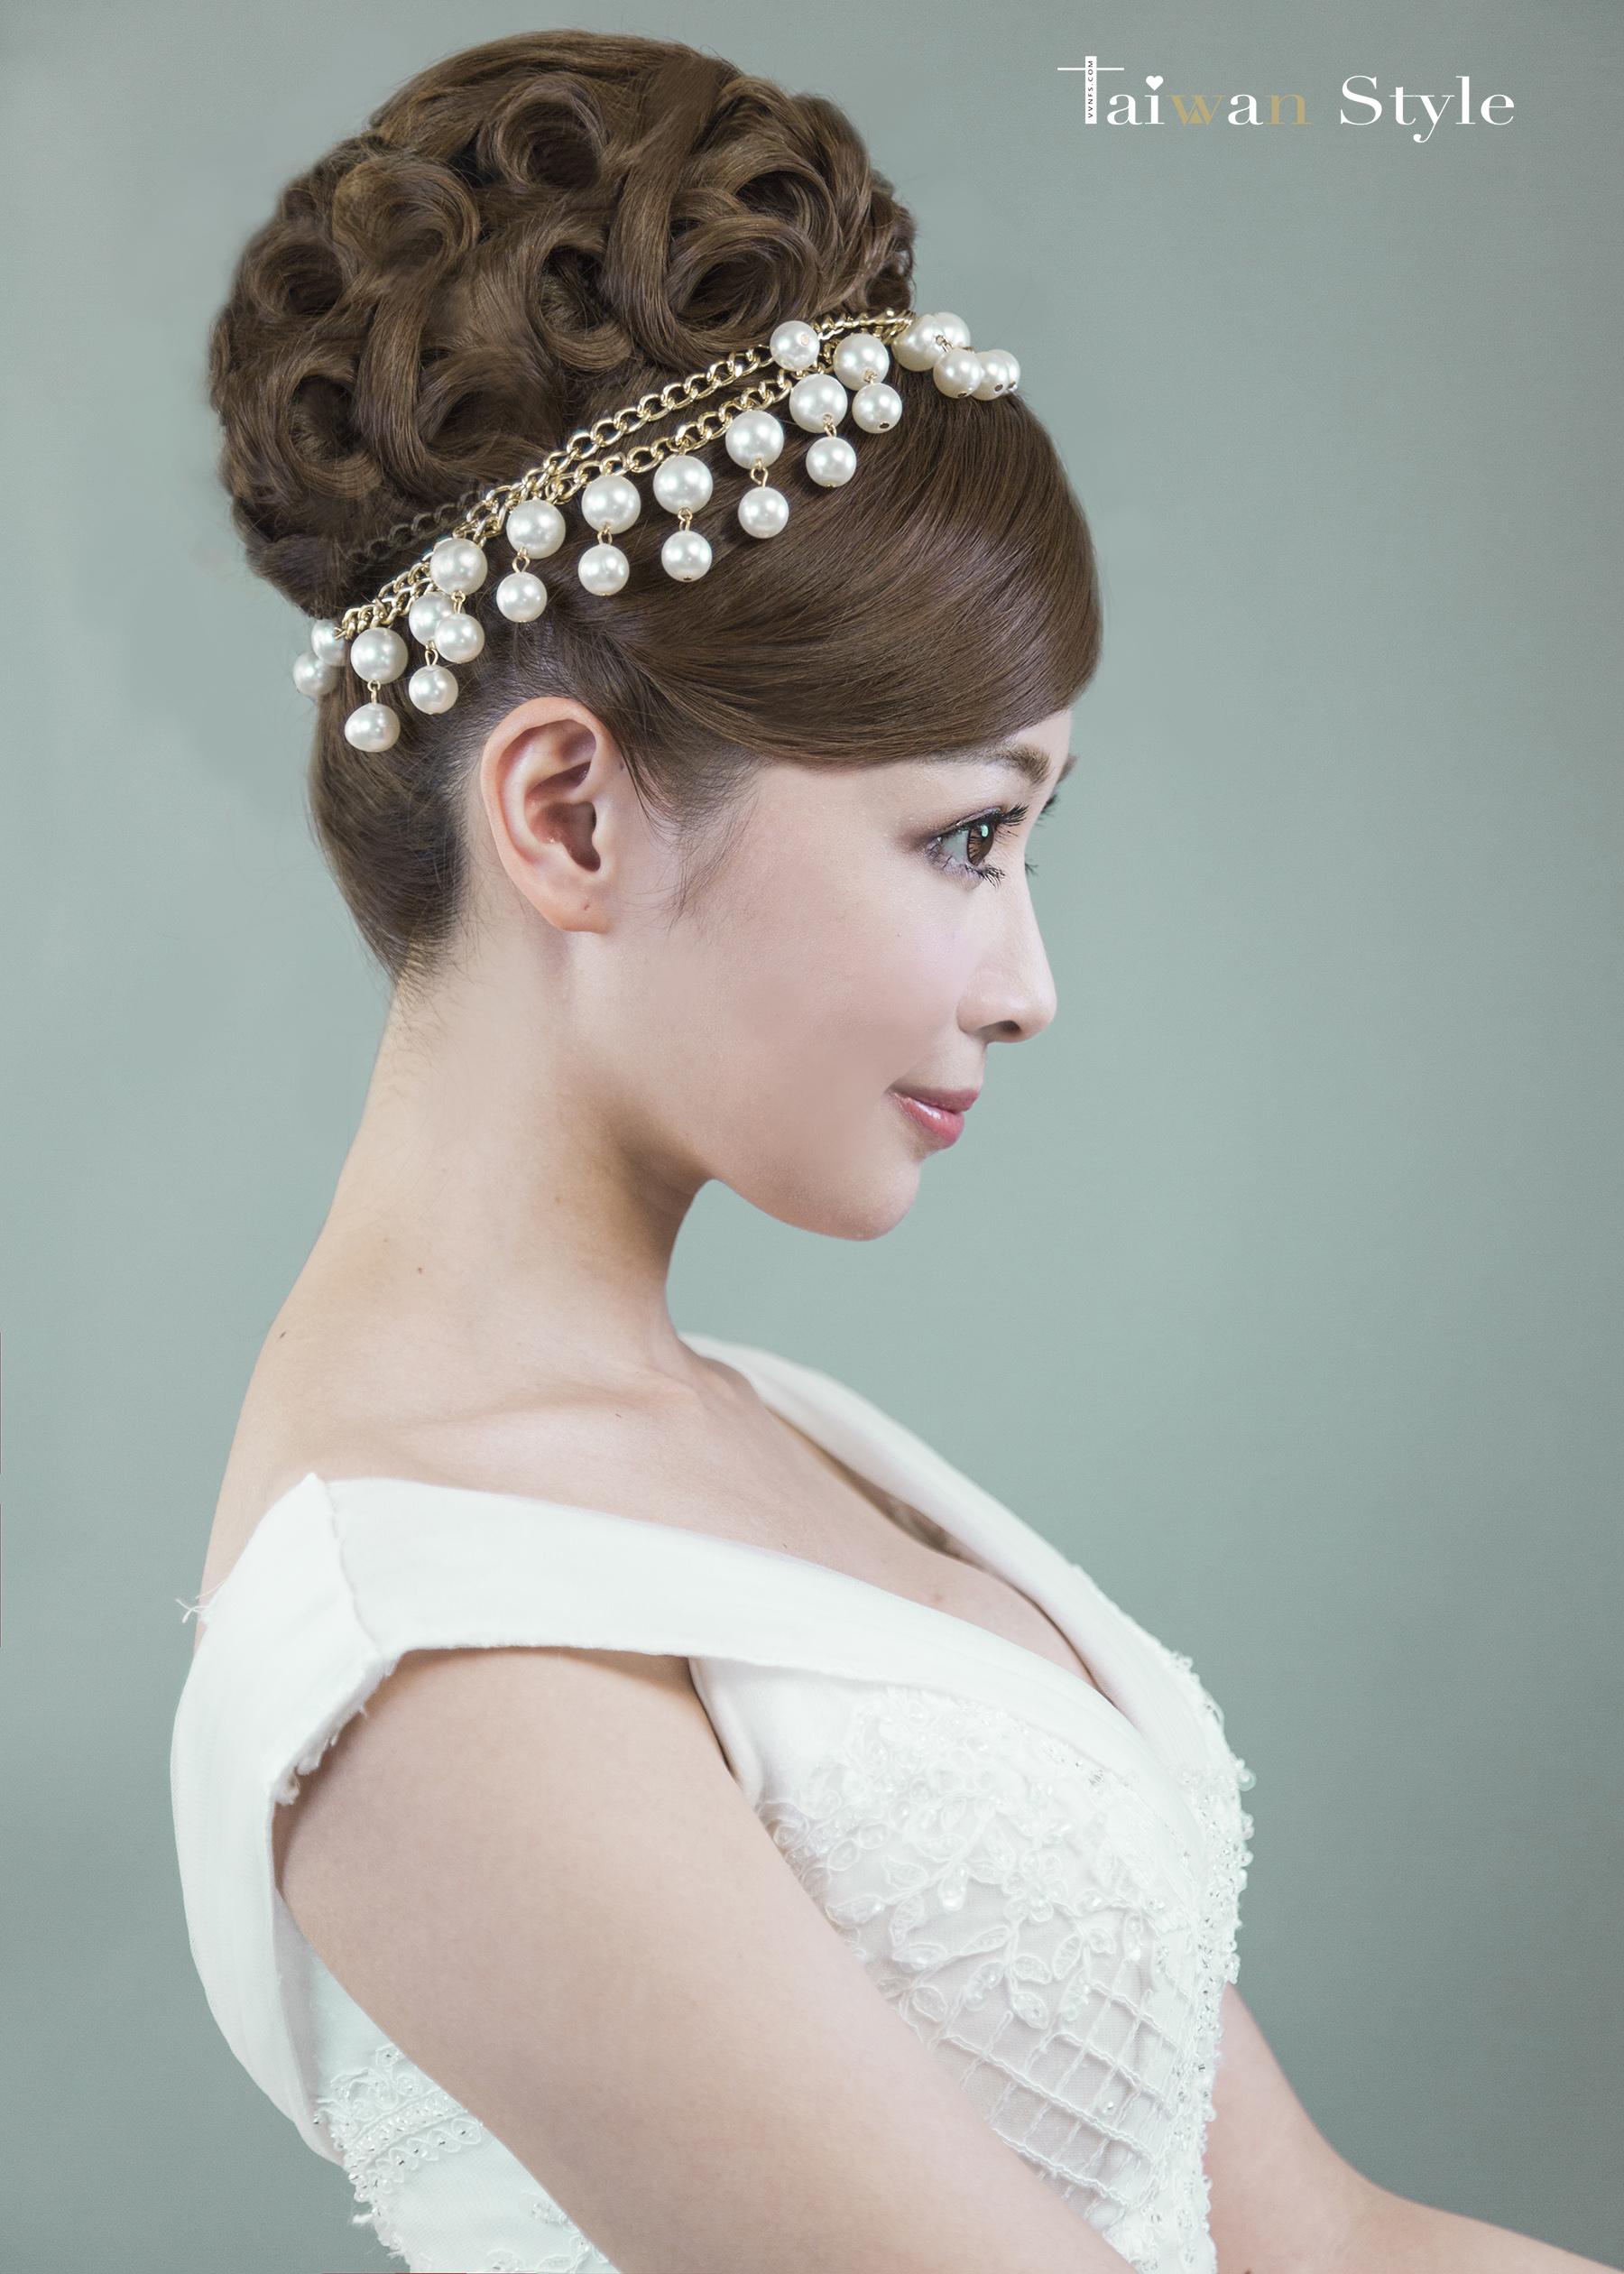 看見台灣百年婚紗之美-2000姐姐時代-新娘物語 x VVNFS方美玉台南新秘2